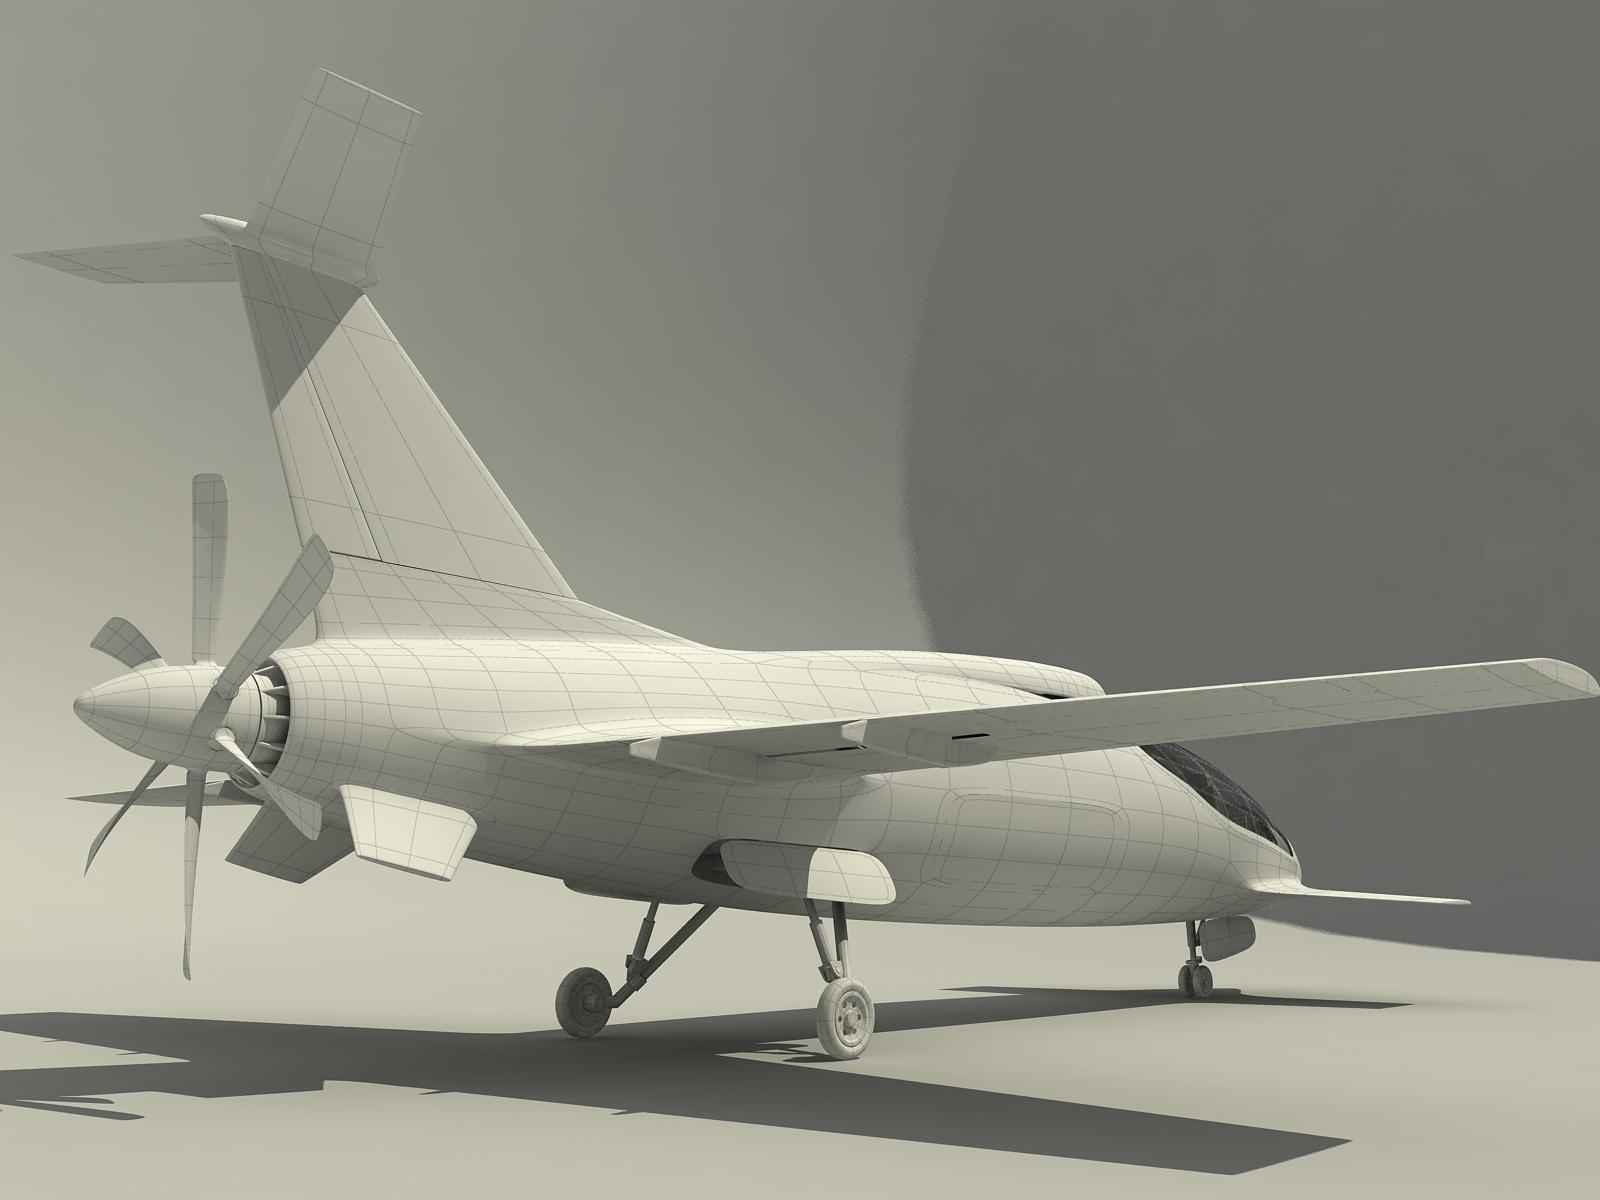 螺旋桨后置小飞机